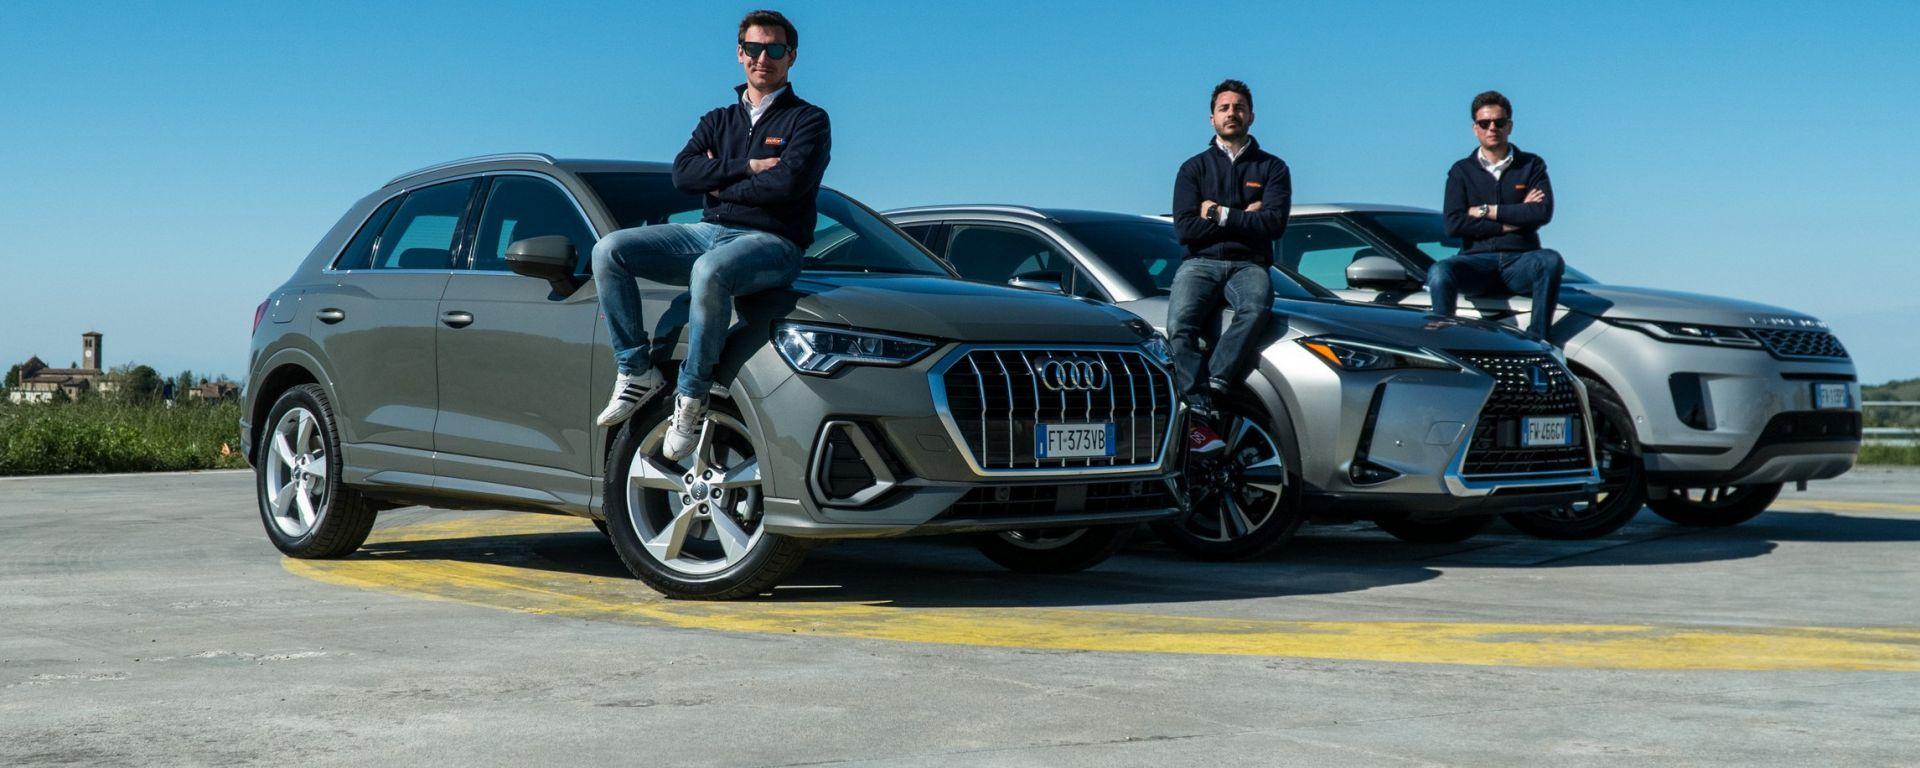 Confronto SUV Lexus UX, Range Rover Evoque e Audi Q3